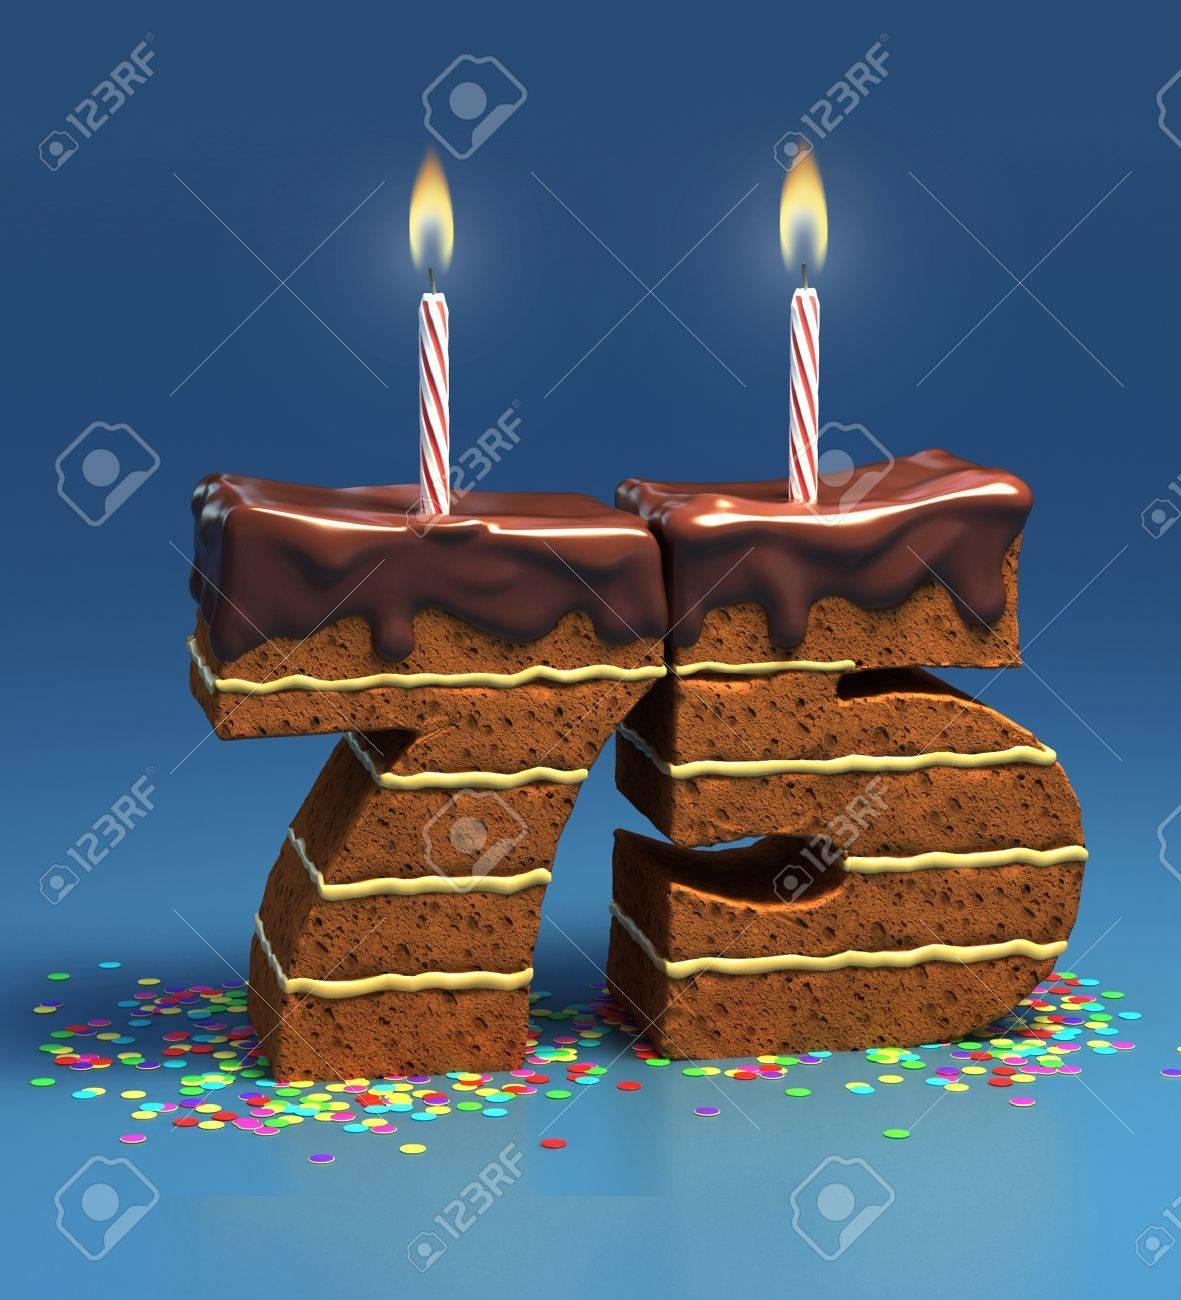 Chocolate Birthday Cake Von Konfetti Umgeben Mit Brennenden Kerze Fur Einen 75 Geburtstag Oder Jubilaum